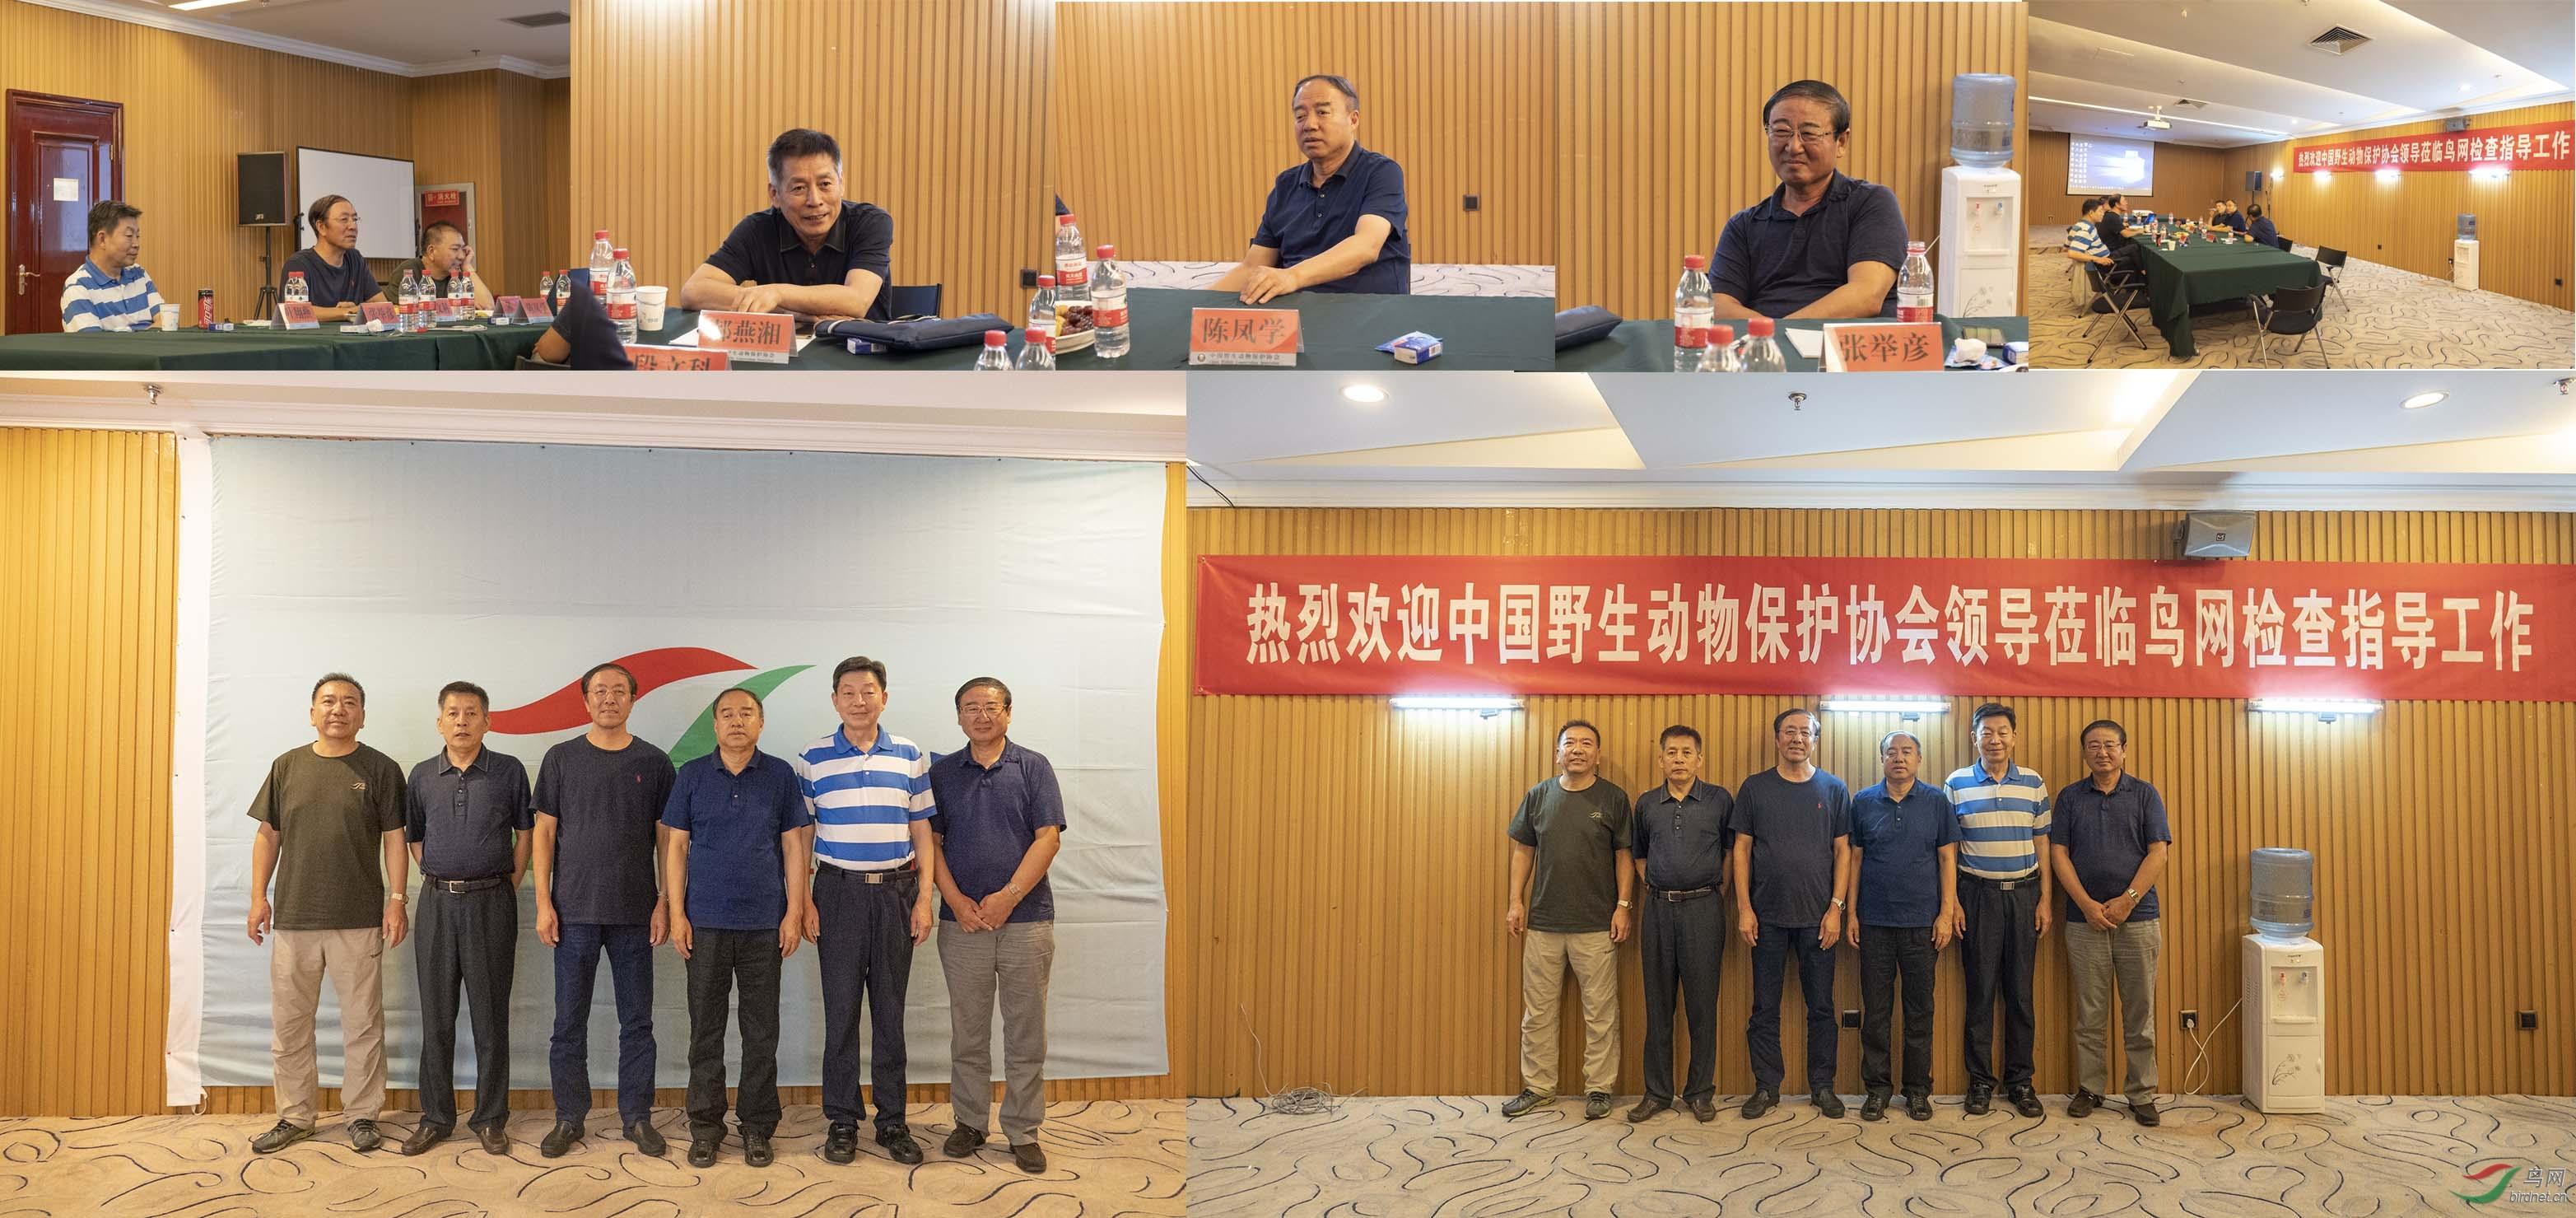 中国野生动物保护协会领导莅临鸟网检查指导工作.jpg